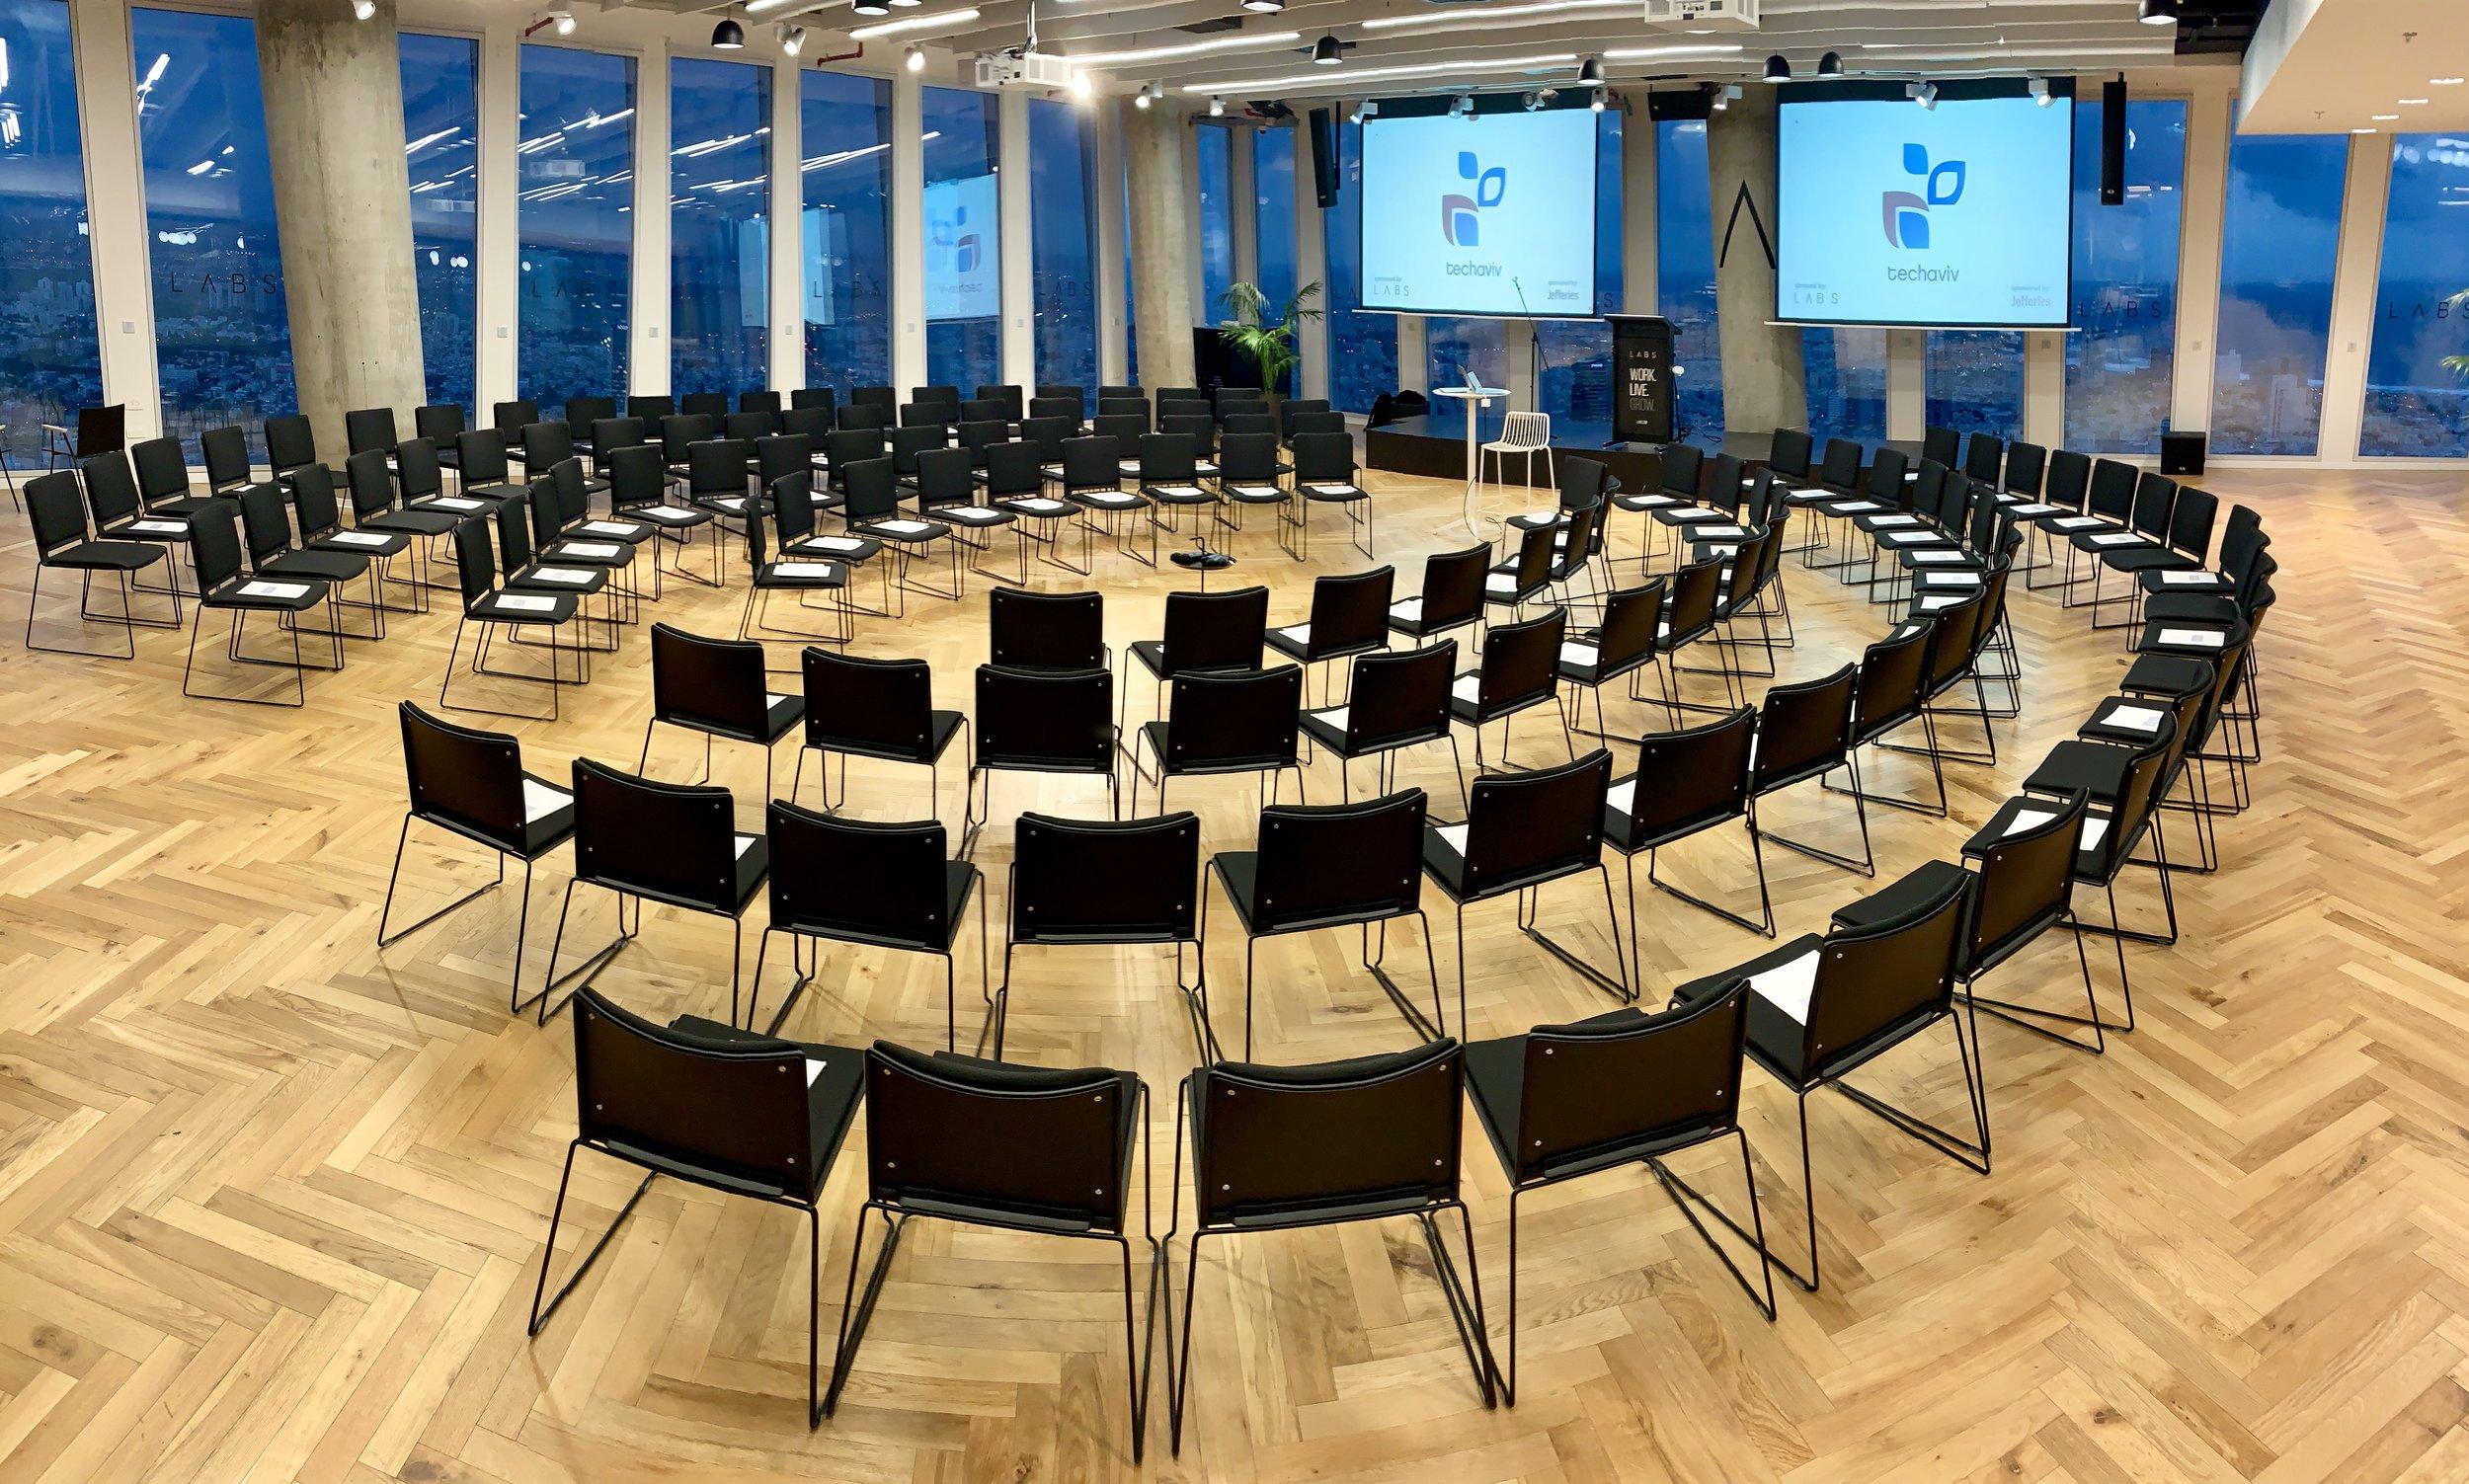 TechAviv town-hall seating at LABS TLV.